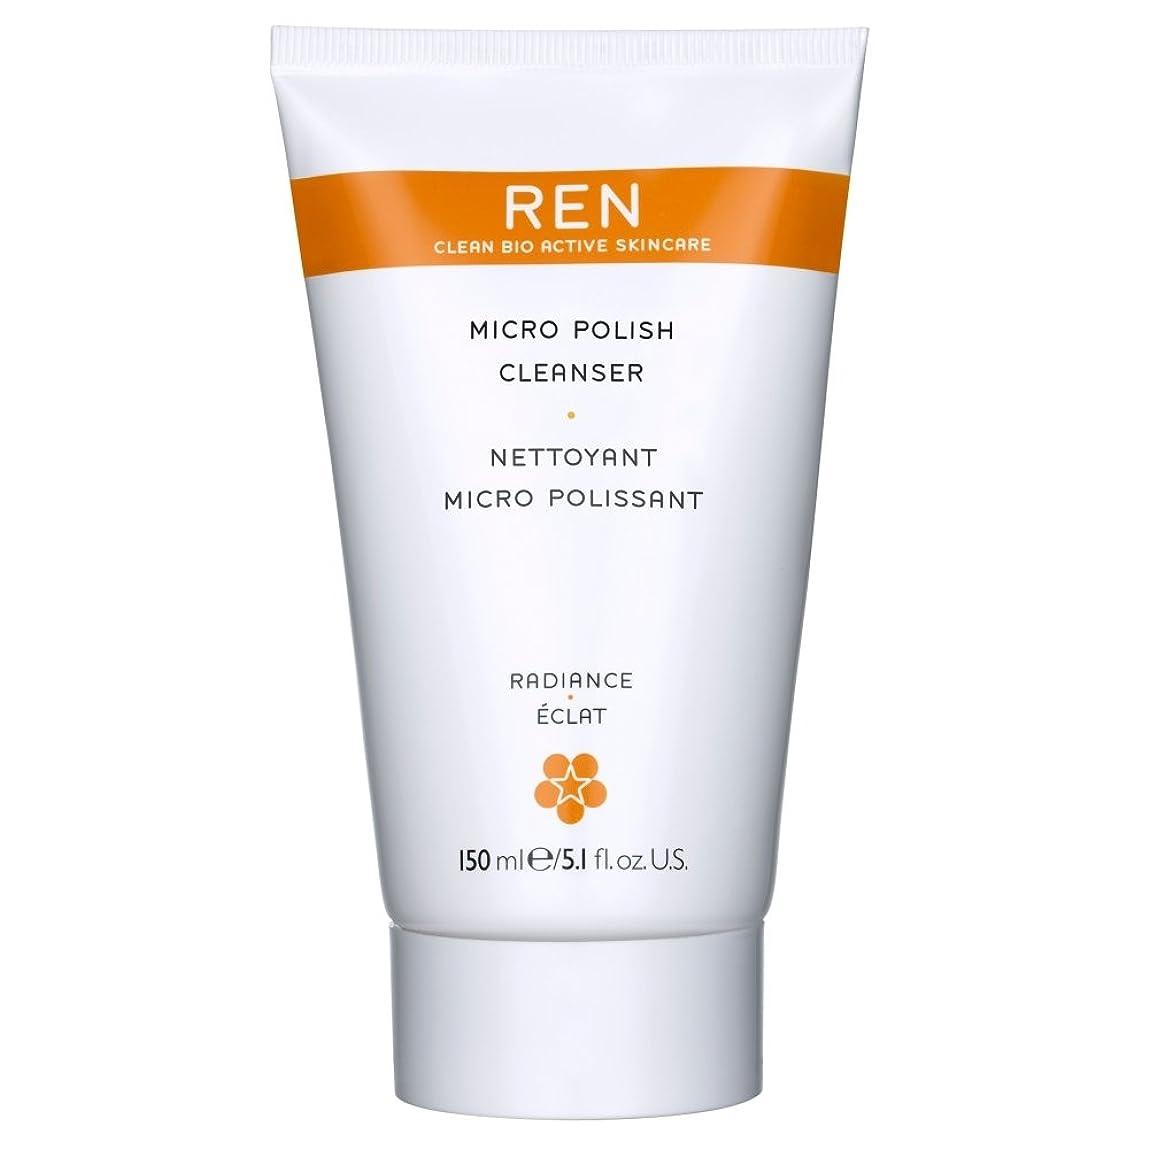 ライトニング療法ダウンタウンRenミルコ磨きクレンザー、150ミリリットル (REN) (x6) - REN Mirco Polish Cleanser, 150ml (Pack of 6) [並行輸入品]